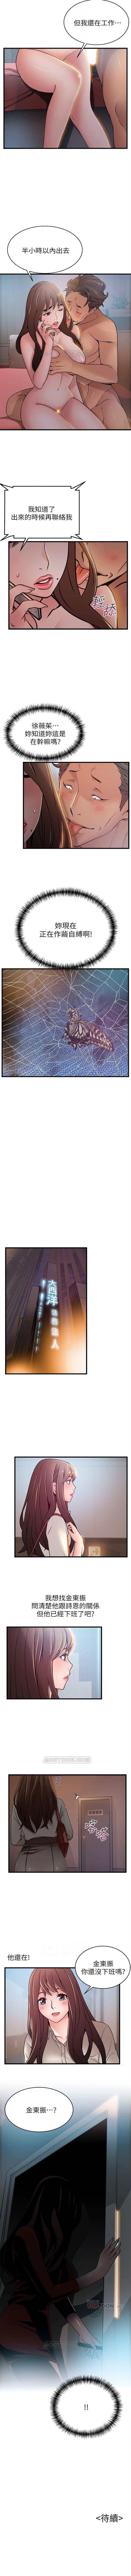 弱點 1-101 官方中文(連載中) 340